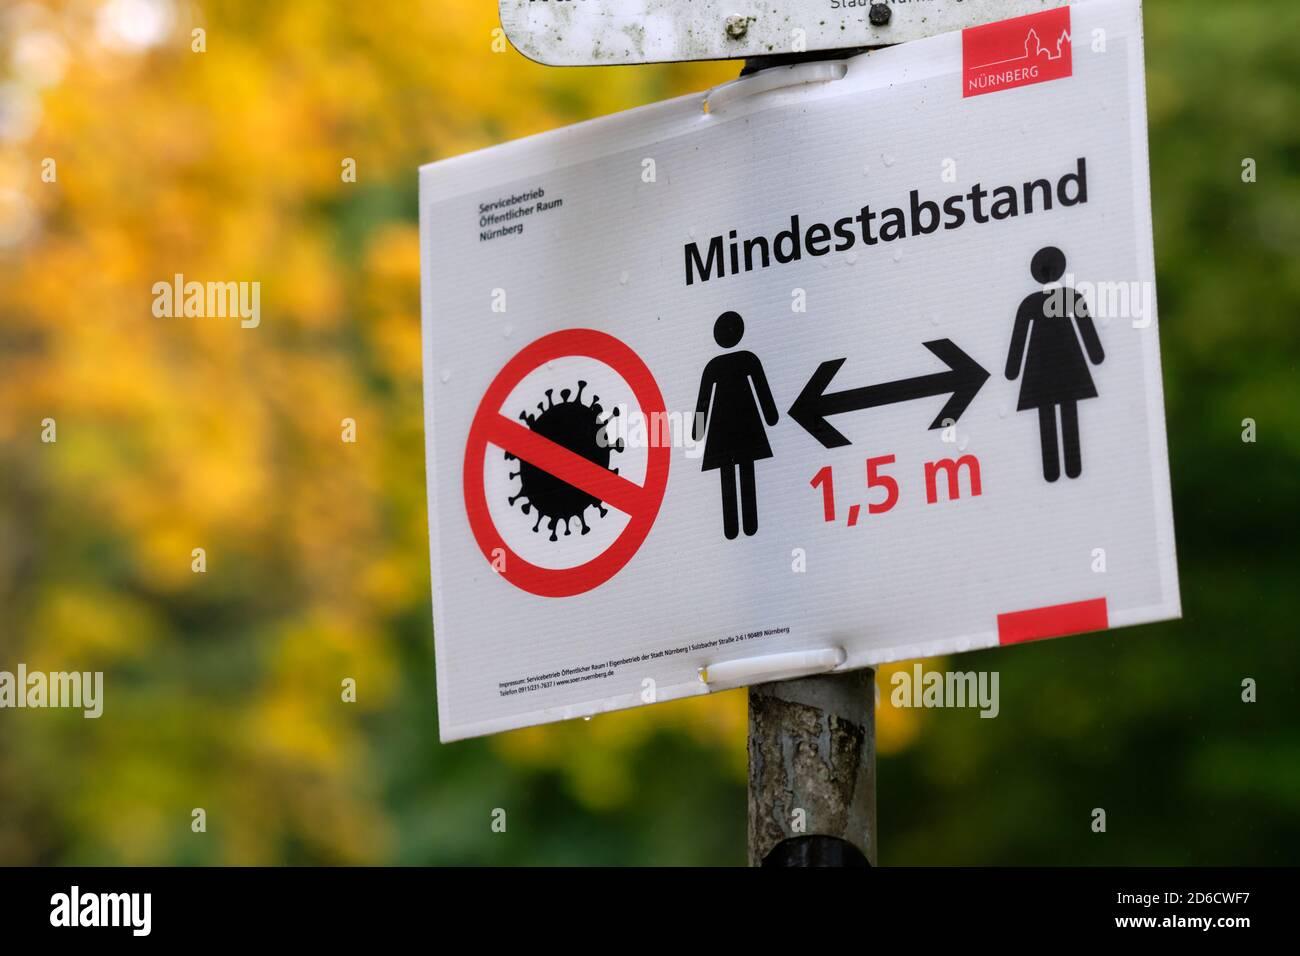 Nuremberg, Alemania - 15 de octubre de 2020: Cierre de una señal que dice a los peatones sobre un mindestabstand de 1,5m ( 1,5m distancia mínima ) debido a la Foto de stock